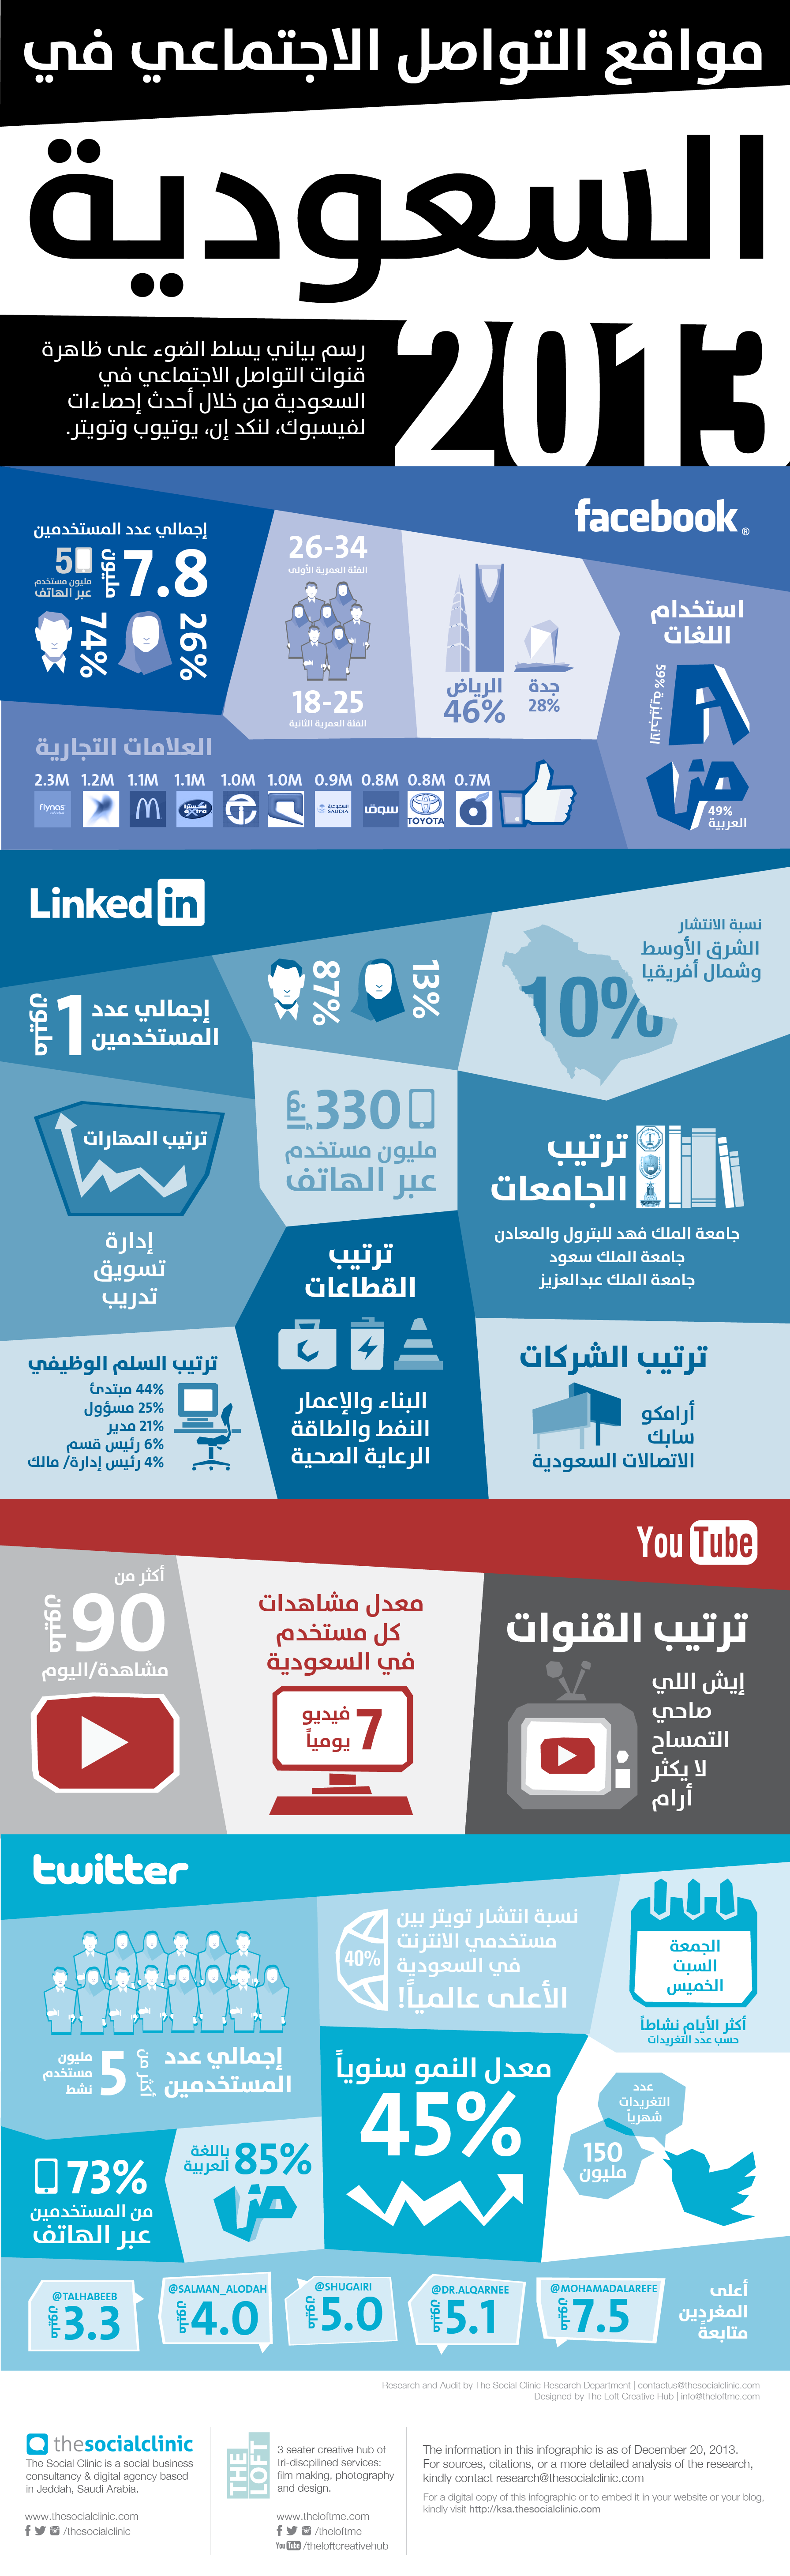 The State of Social Media in Saudi Arabia AR انفوجرافيك جديد عن استخدام الشبكات الإجتماعية في السعودية للعام 2013